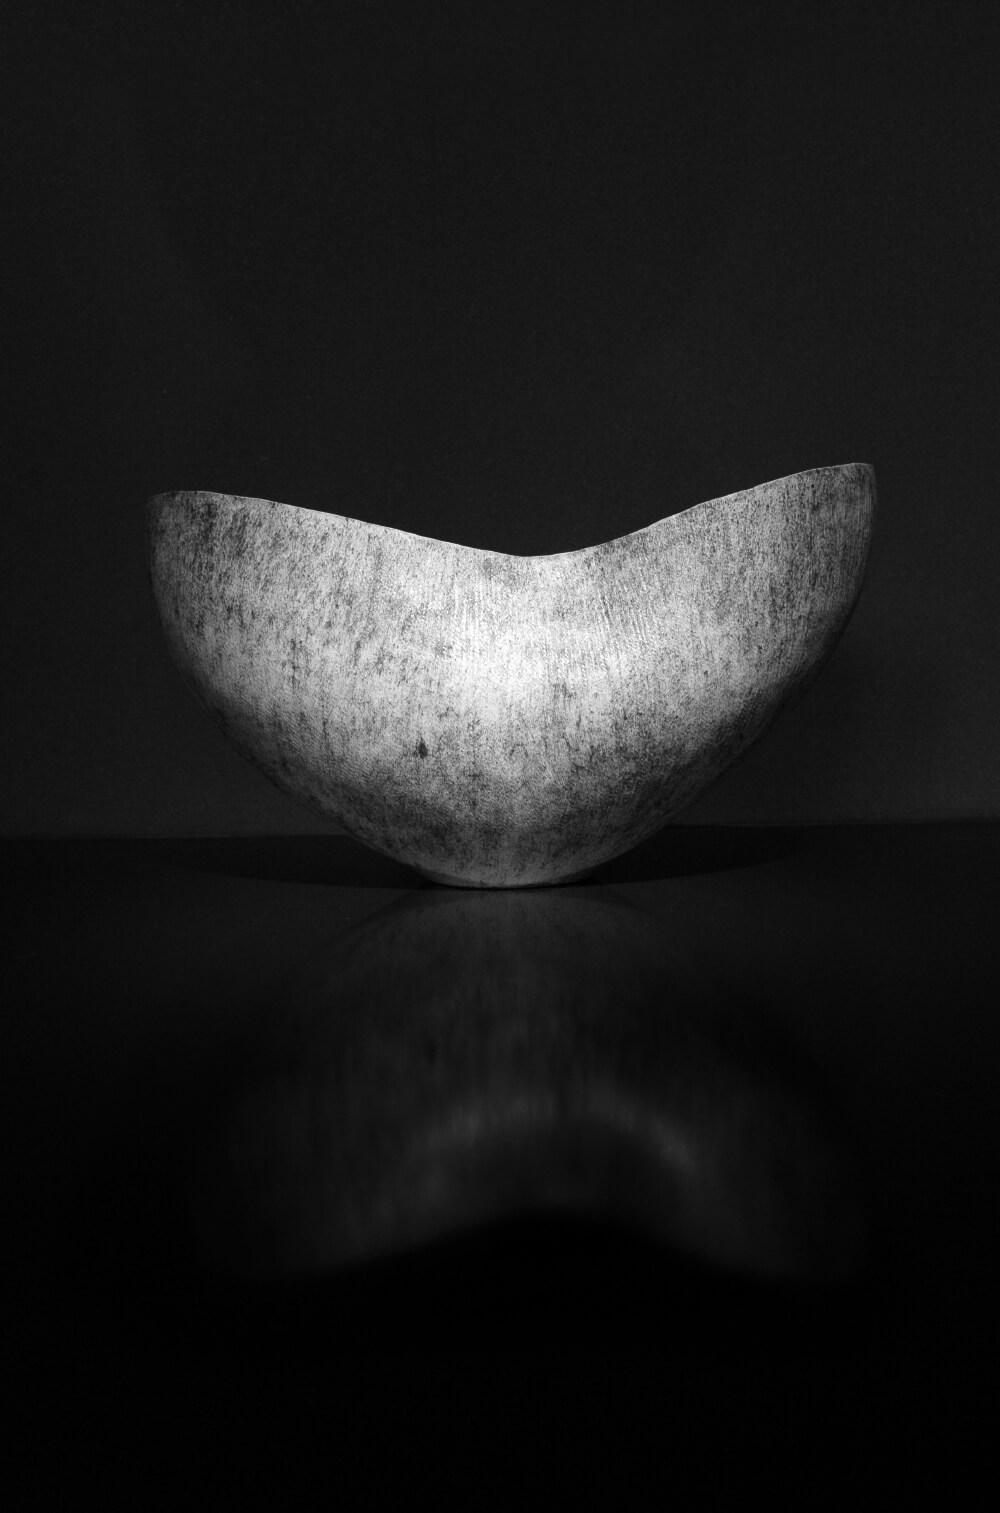 2016年4月16日から開催の「美崎 光邦 陶展」の美崎 光邦の作品1